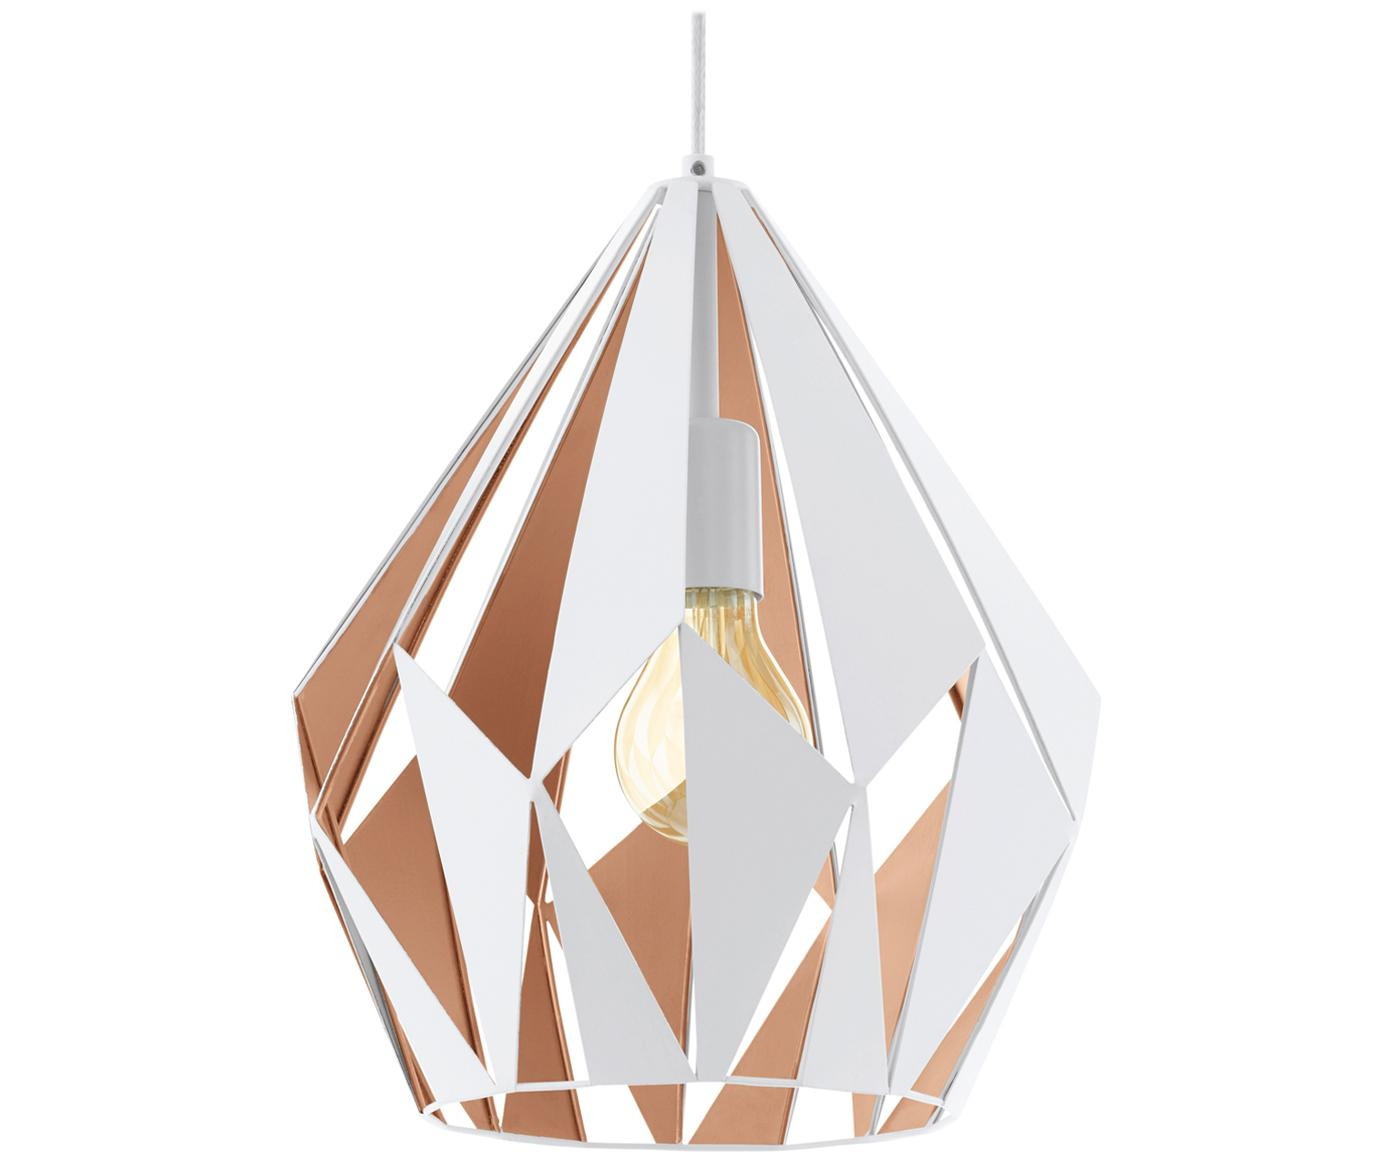 Scandi hanglamp Carlton, Gelakt staal, Buitenzijde: wit. Binnenzijde: roségoudkleurig, Ø 31 x H 40 cm